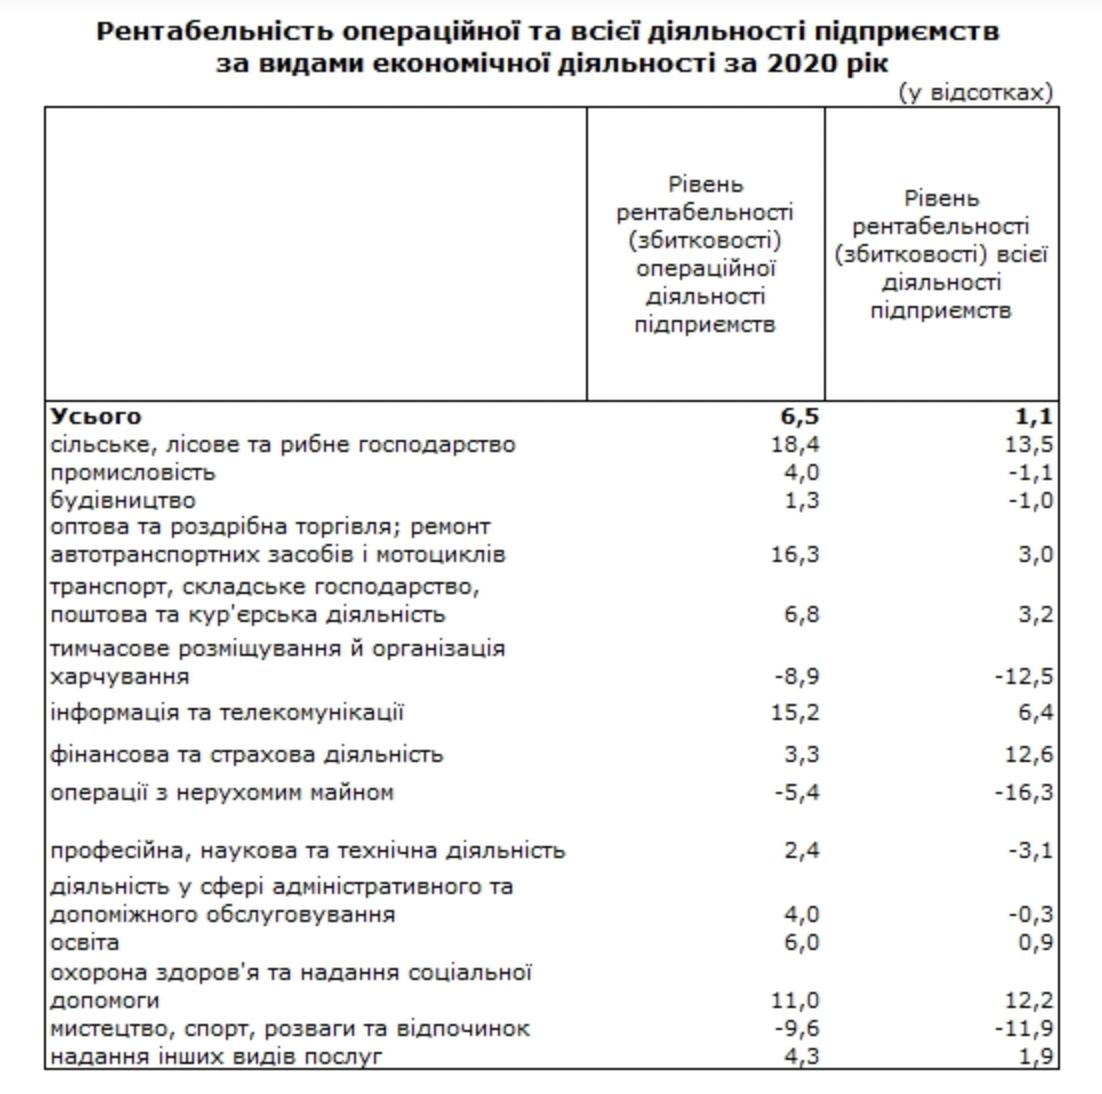 Держстат назвав найбільш рентабельні галузі економіки України